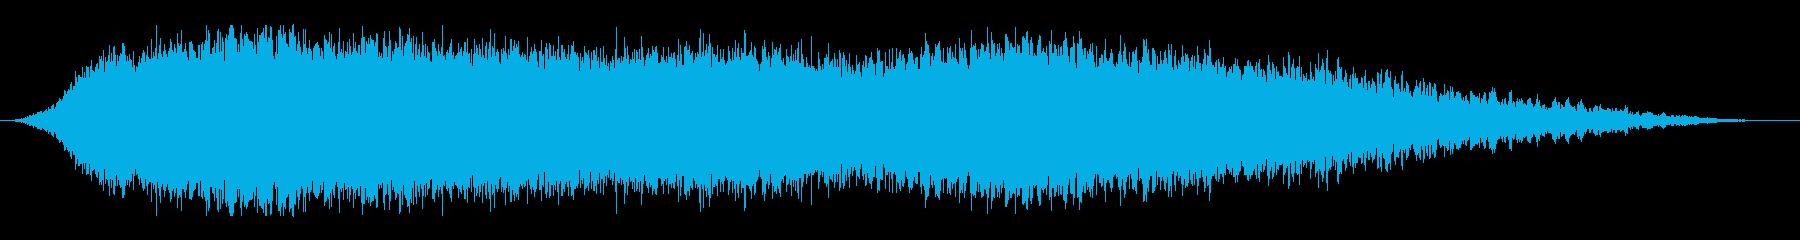 ロングセラーのアンビエント274の再生済みの波形